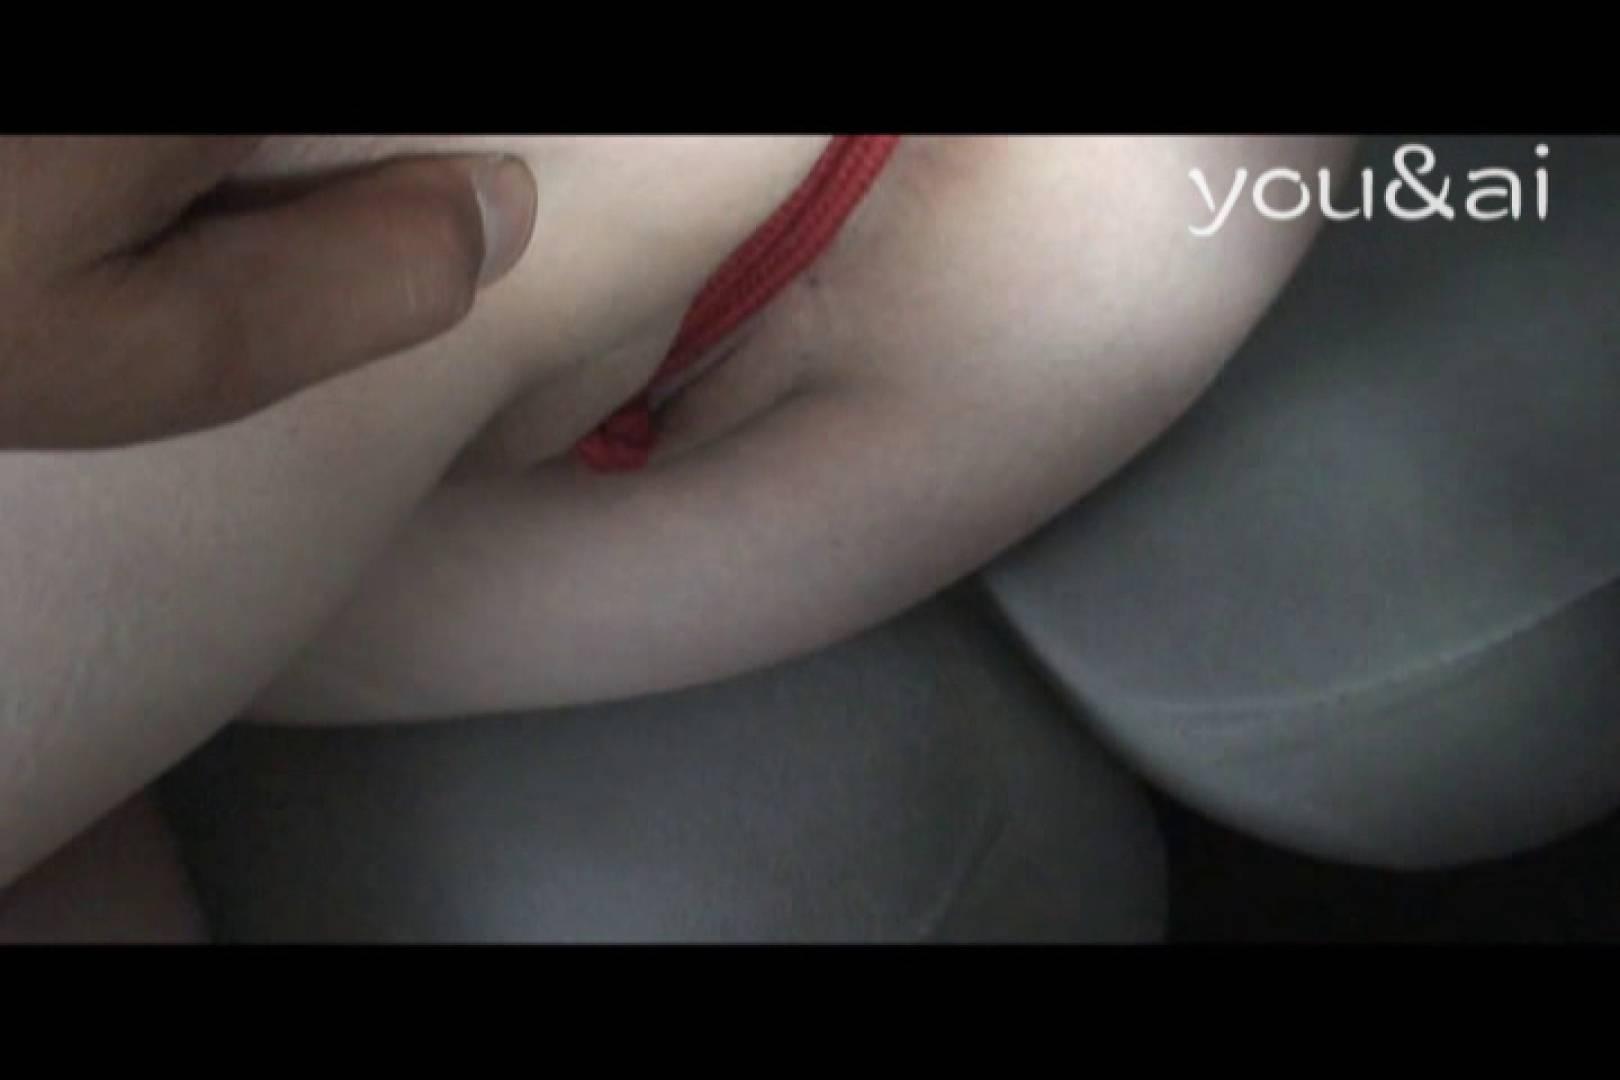 おしどり夫婦のyou&aiさん投稿作品vol.4 緊縛 | 一般投稿  107画像 15